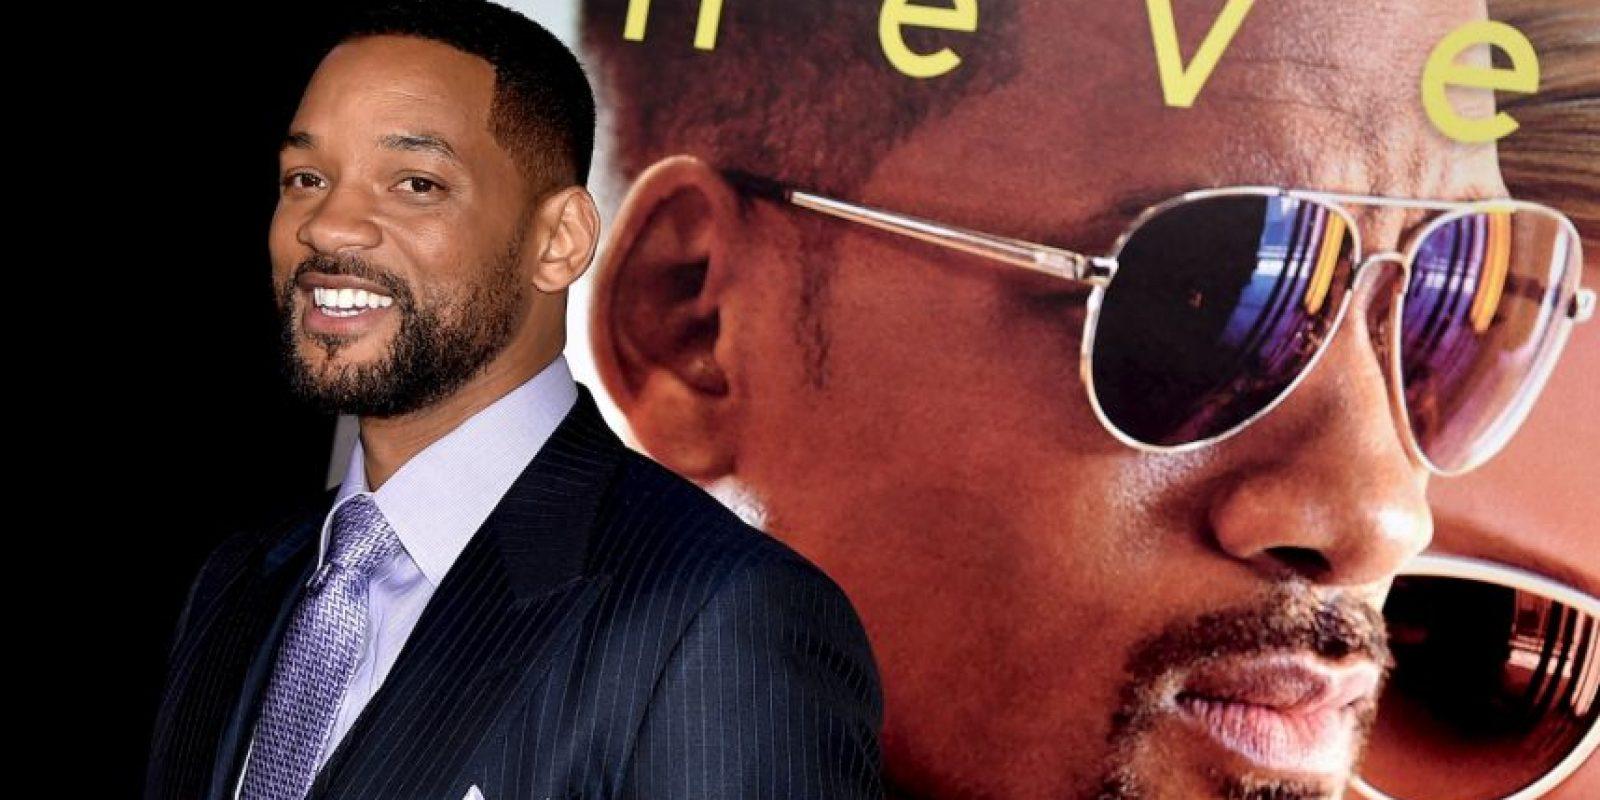 El actro y cantante sacó del primer lugar de la taquilla estadounidense a la cinta más exitosa en lo que va de 2015 Foto:Getty Images